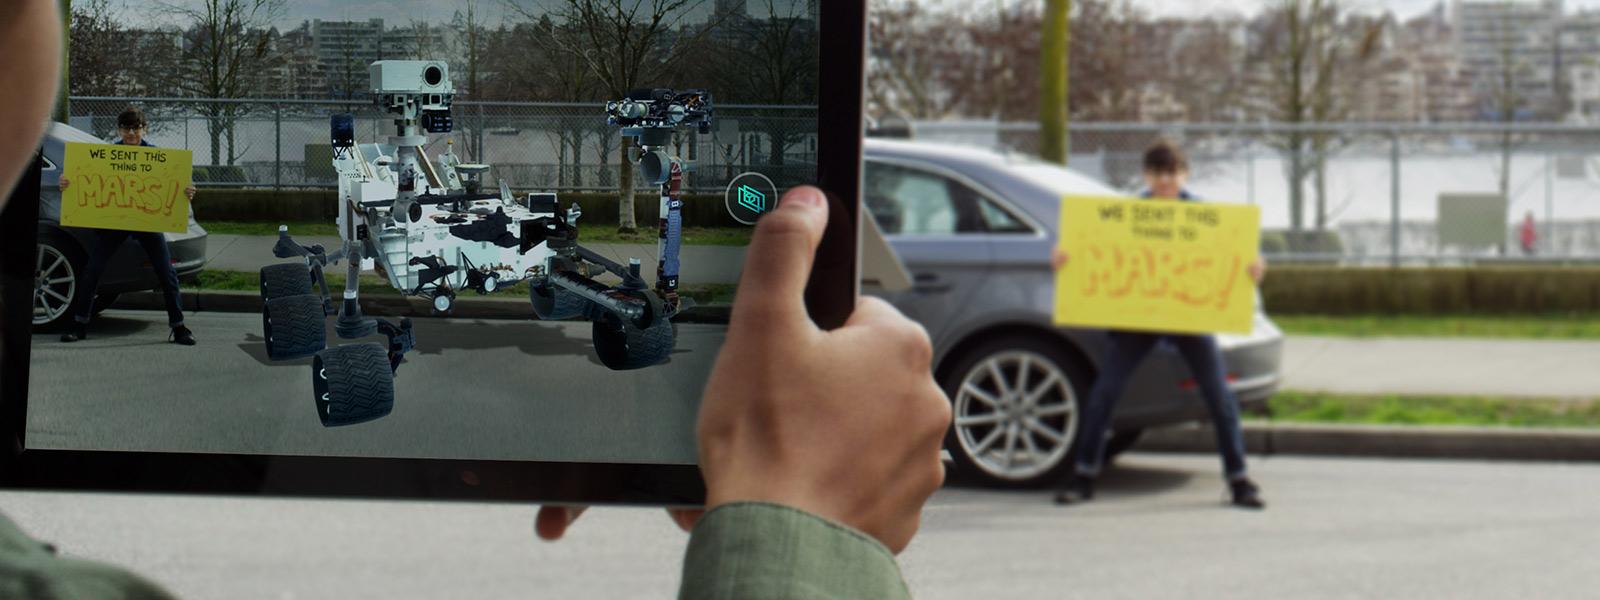 Exibição 3d com a adição de um carro a uma imagem